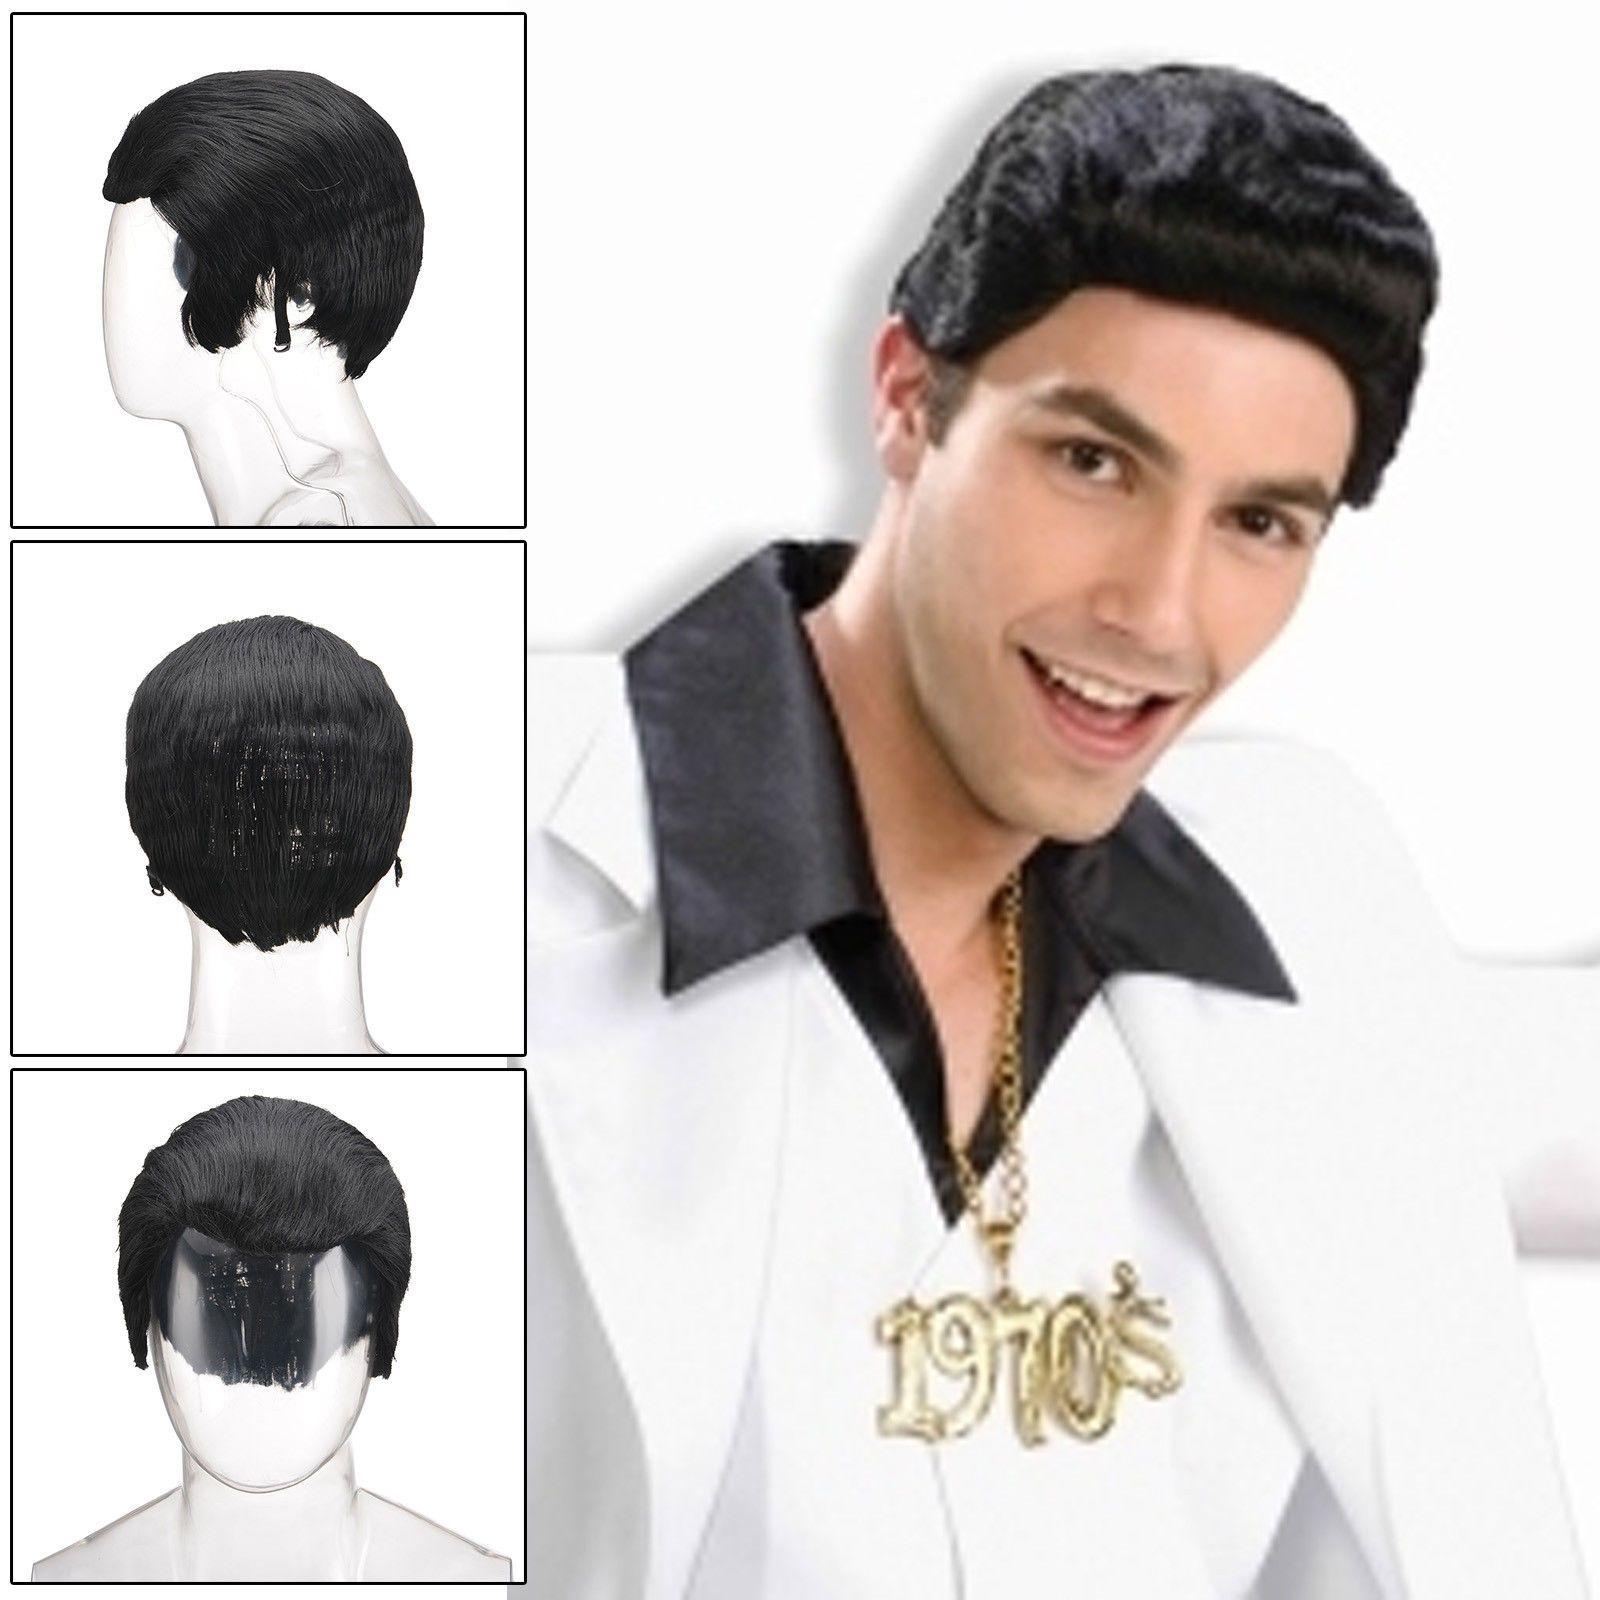 Boy hairstyle wigs mens s black greaser wig adult teddy boy danny quiff elvis fancy